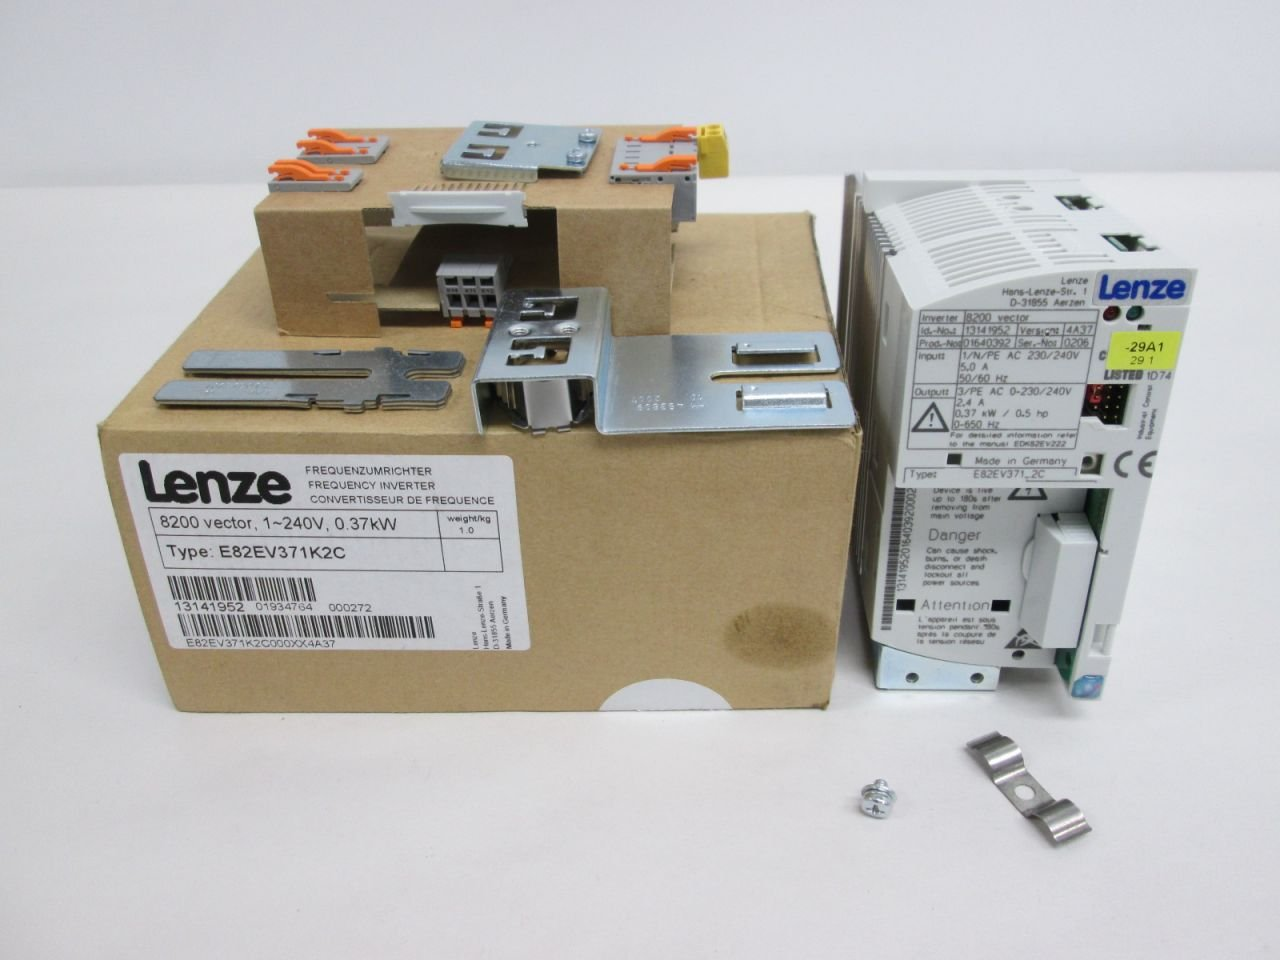 NEW LENZE E82EV371K2C FREQUENCY INVERTER 8200 VECTOR 240V-AC MOTOR DRIVE D323281